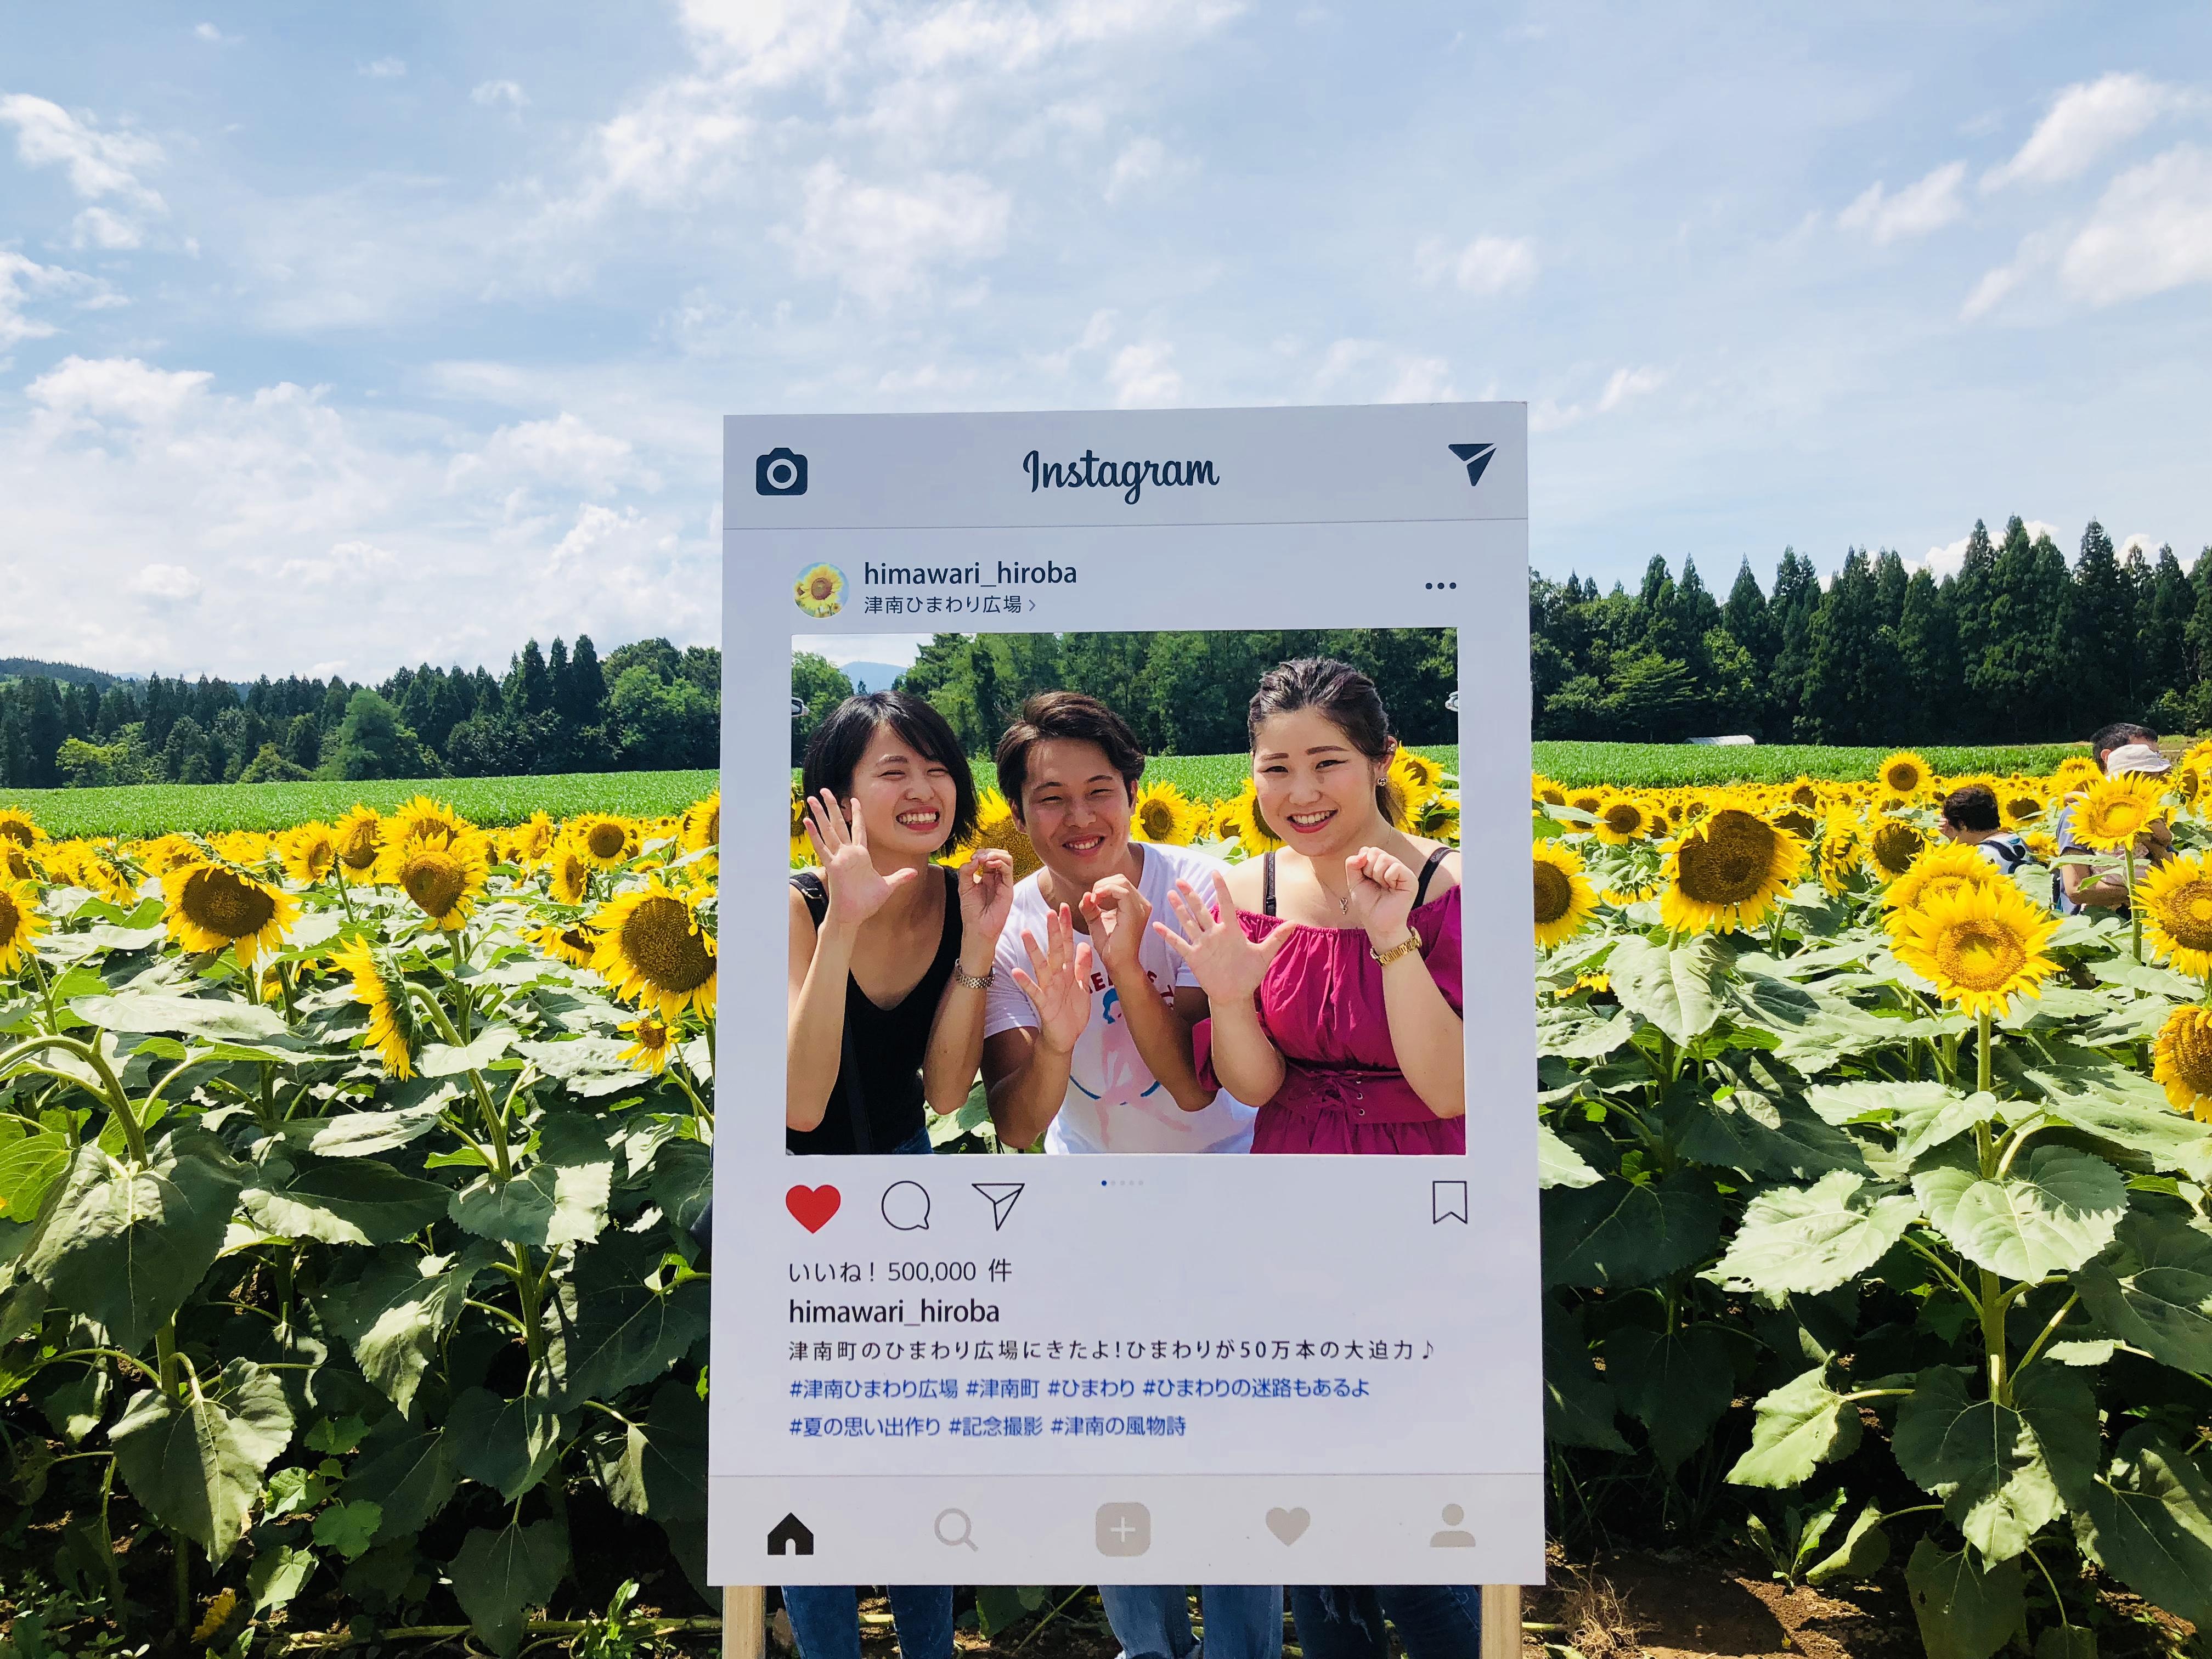 (新潟県/越後湯沢)生涯忘れられない思い出になった夏のリゾートバイト